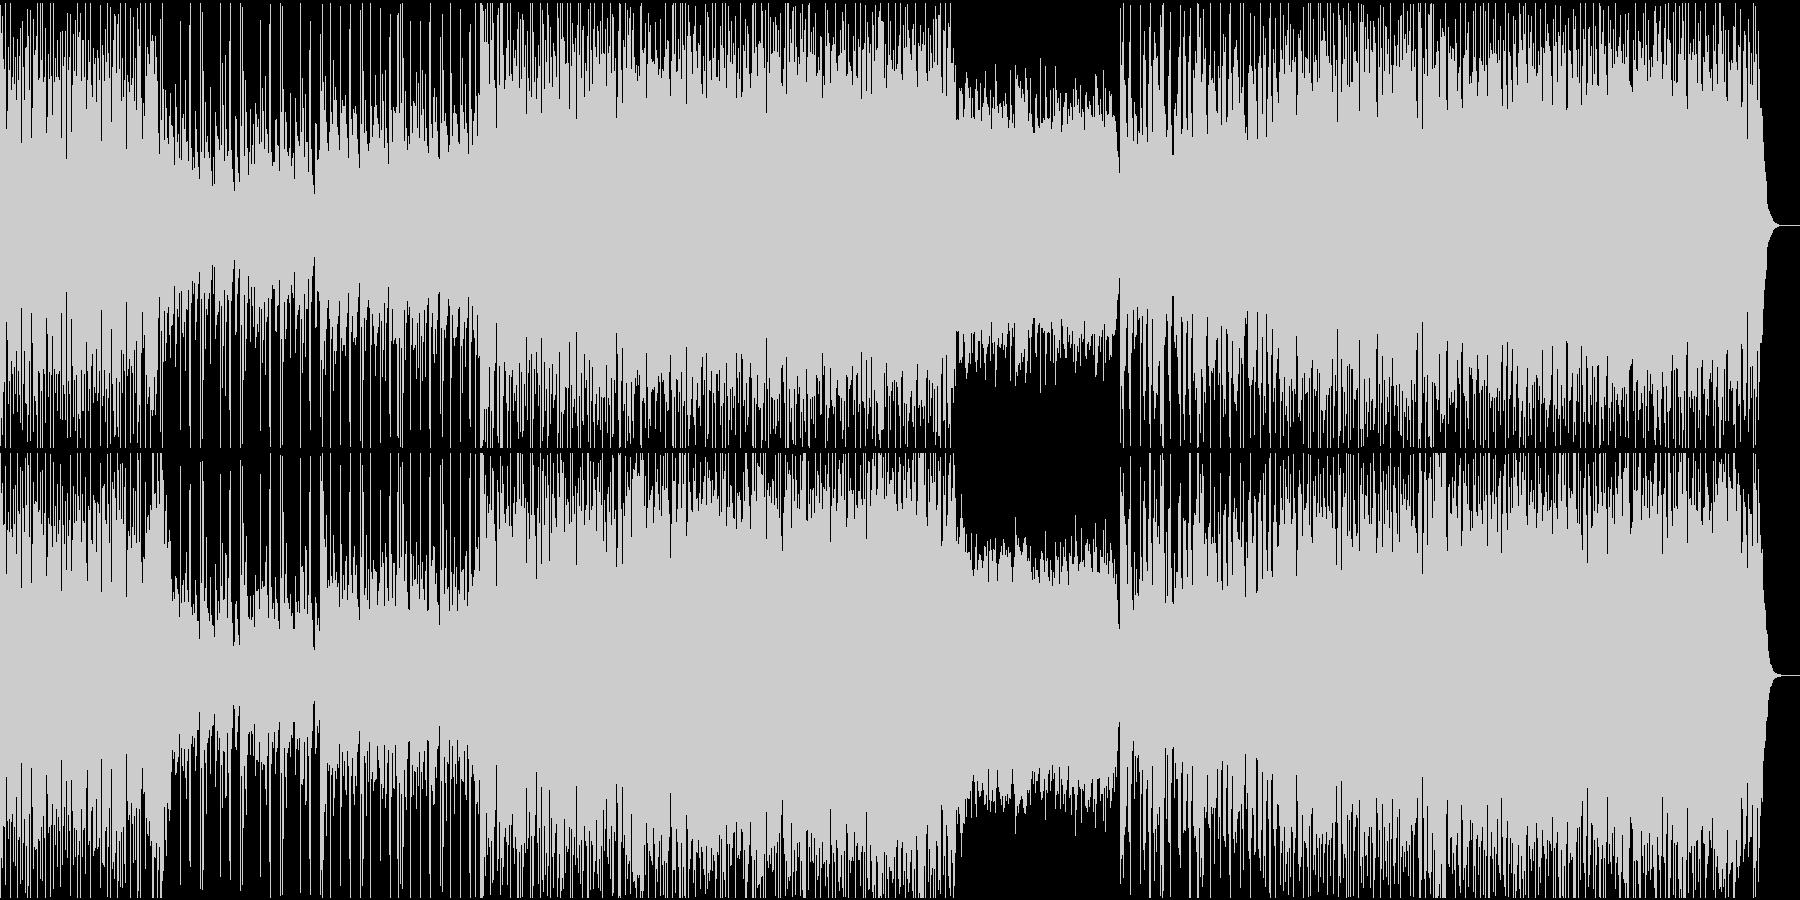 ギターが絡み合うオルタナティブロックの未再生の波形